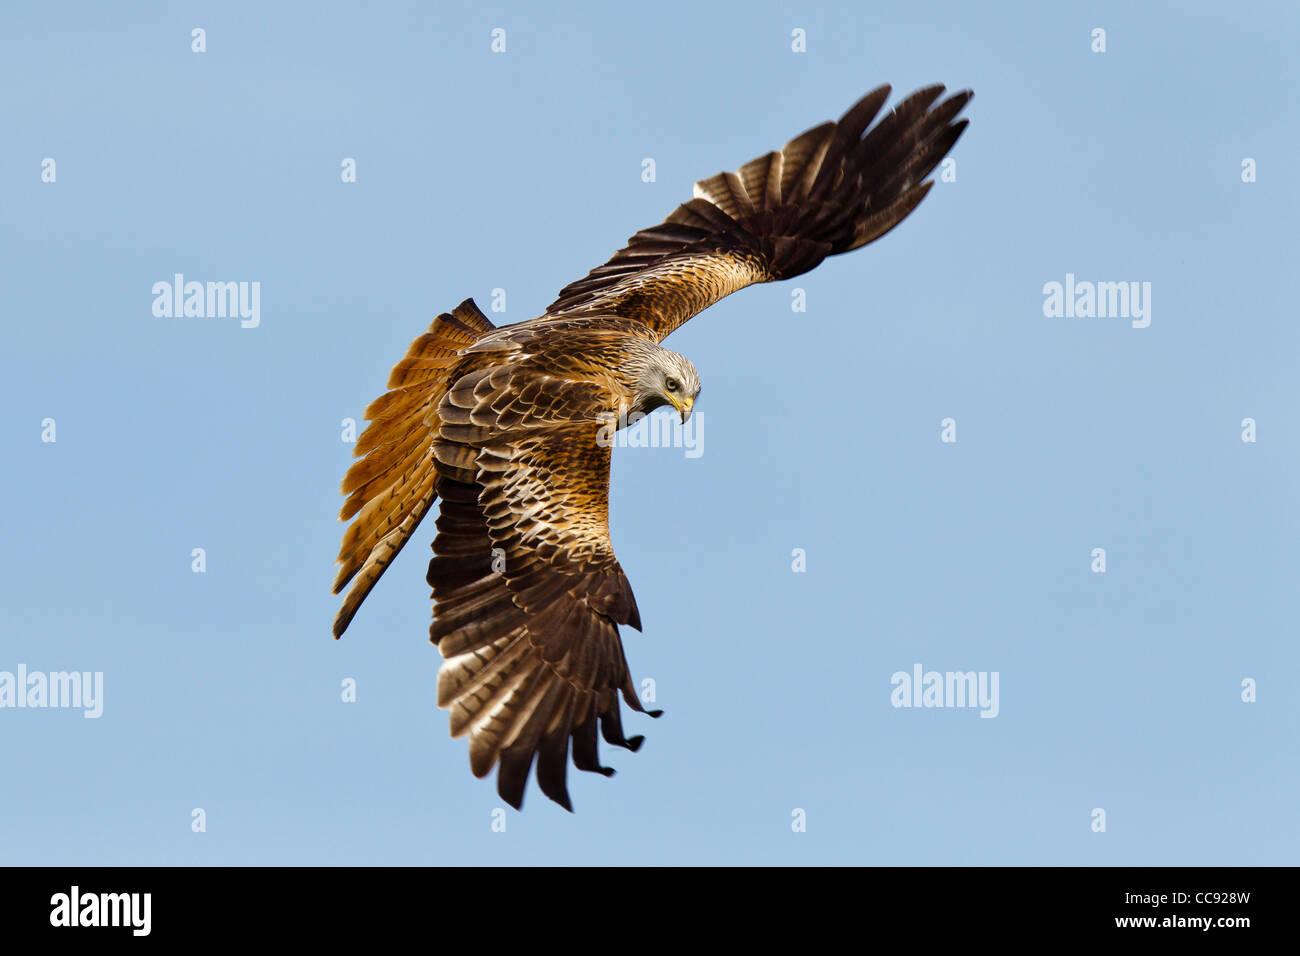 Milanos (milvus) en vuelo contra el cielo azul claro Foto de stock